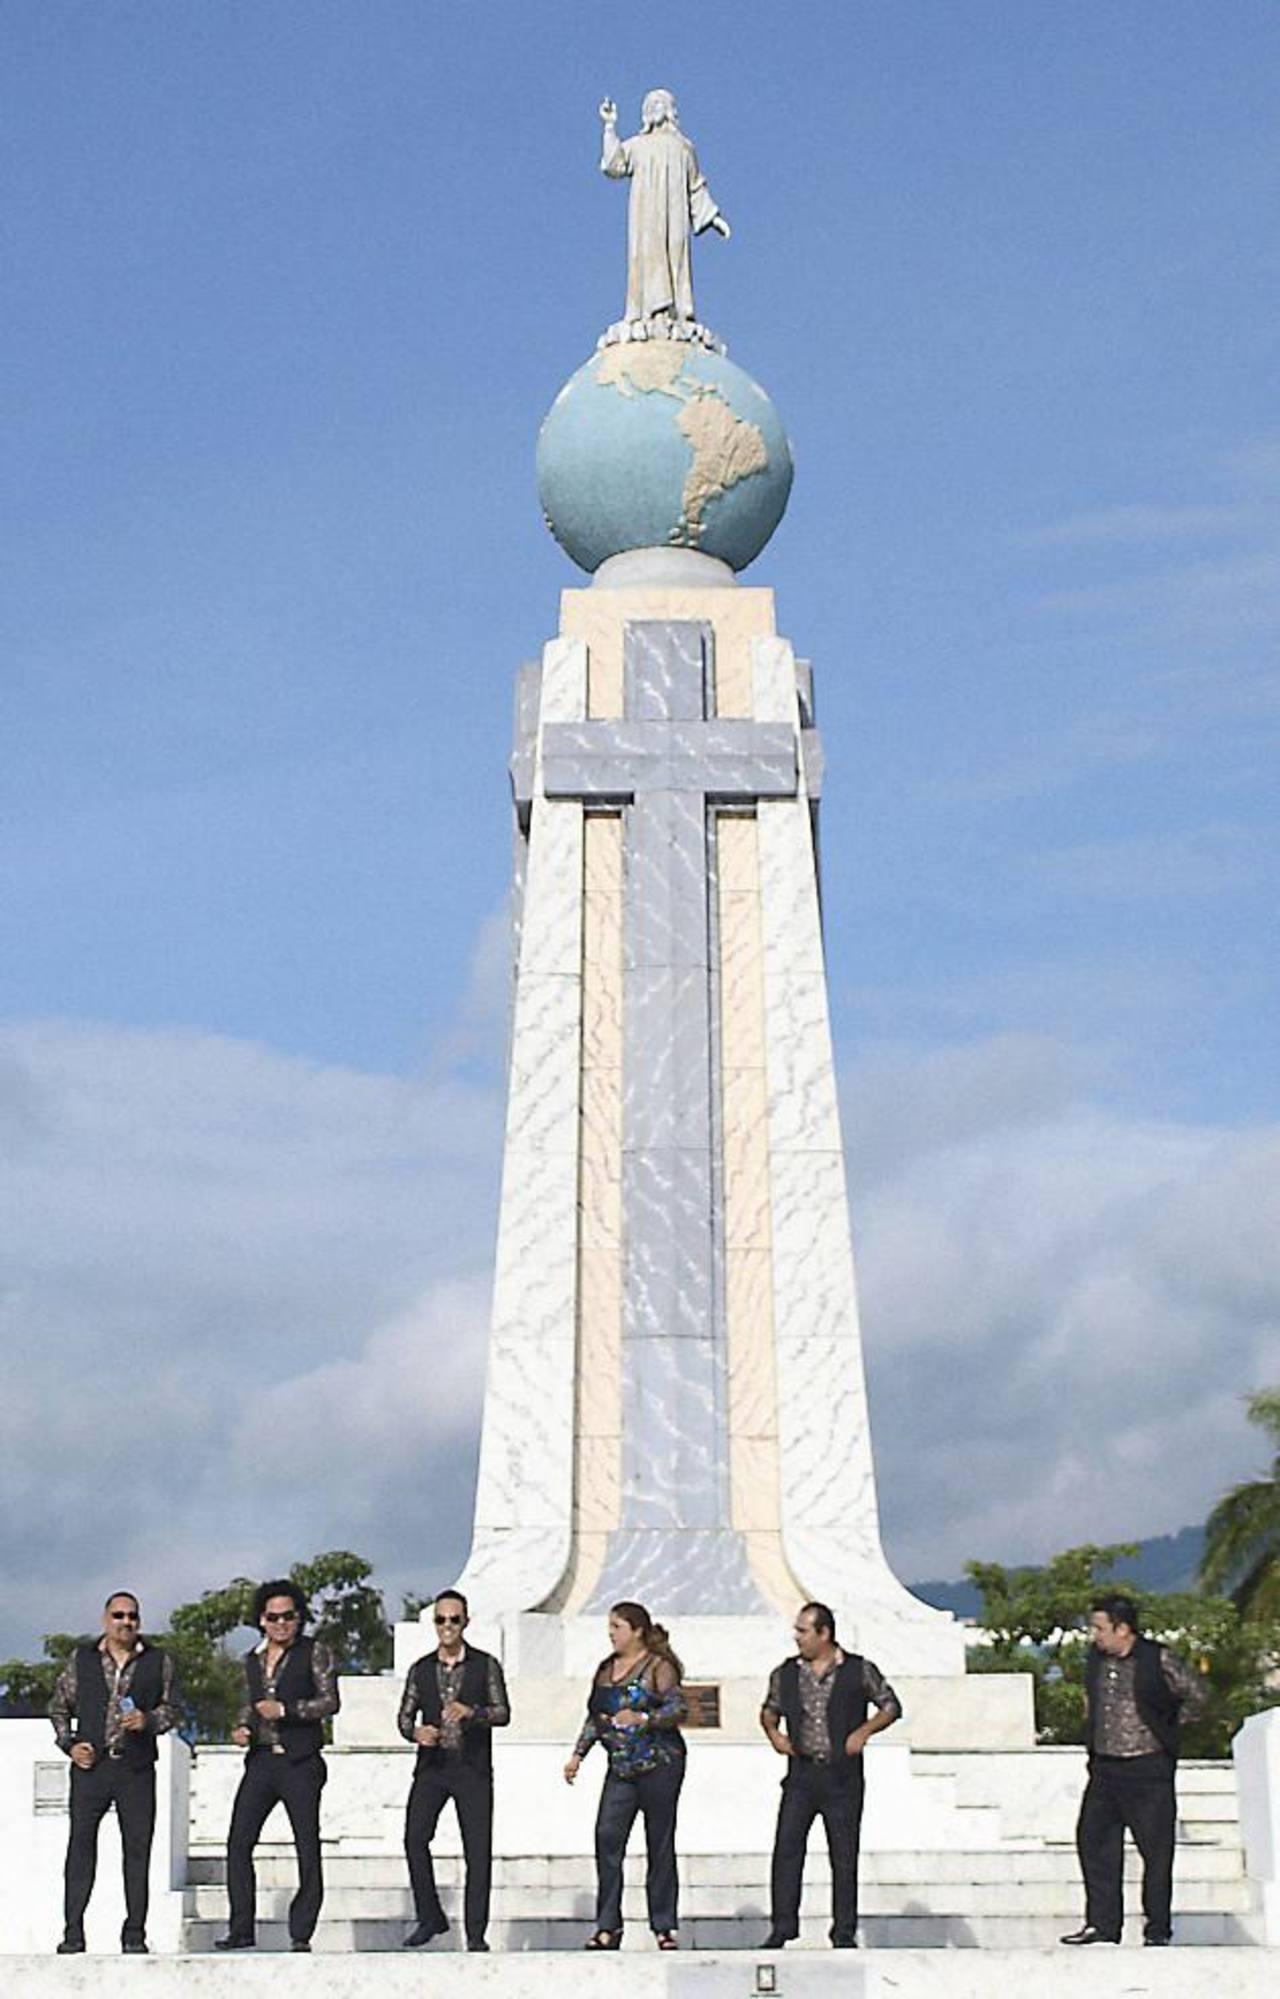 El renovado tema ya acumula más de 29,383 vistas en el Mediacenter del sitio elsalvador.com.